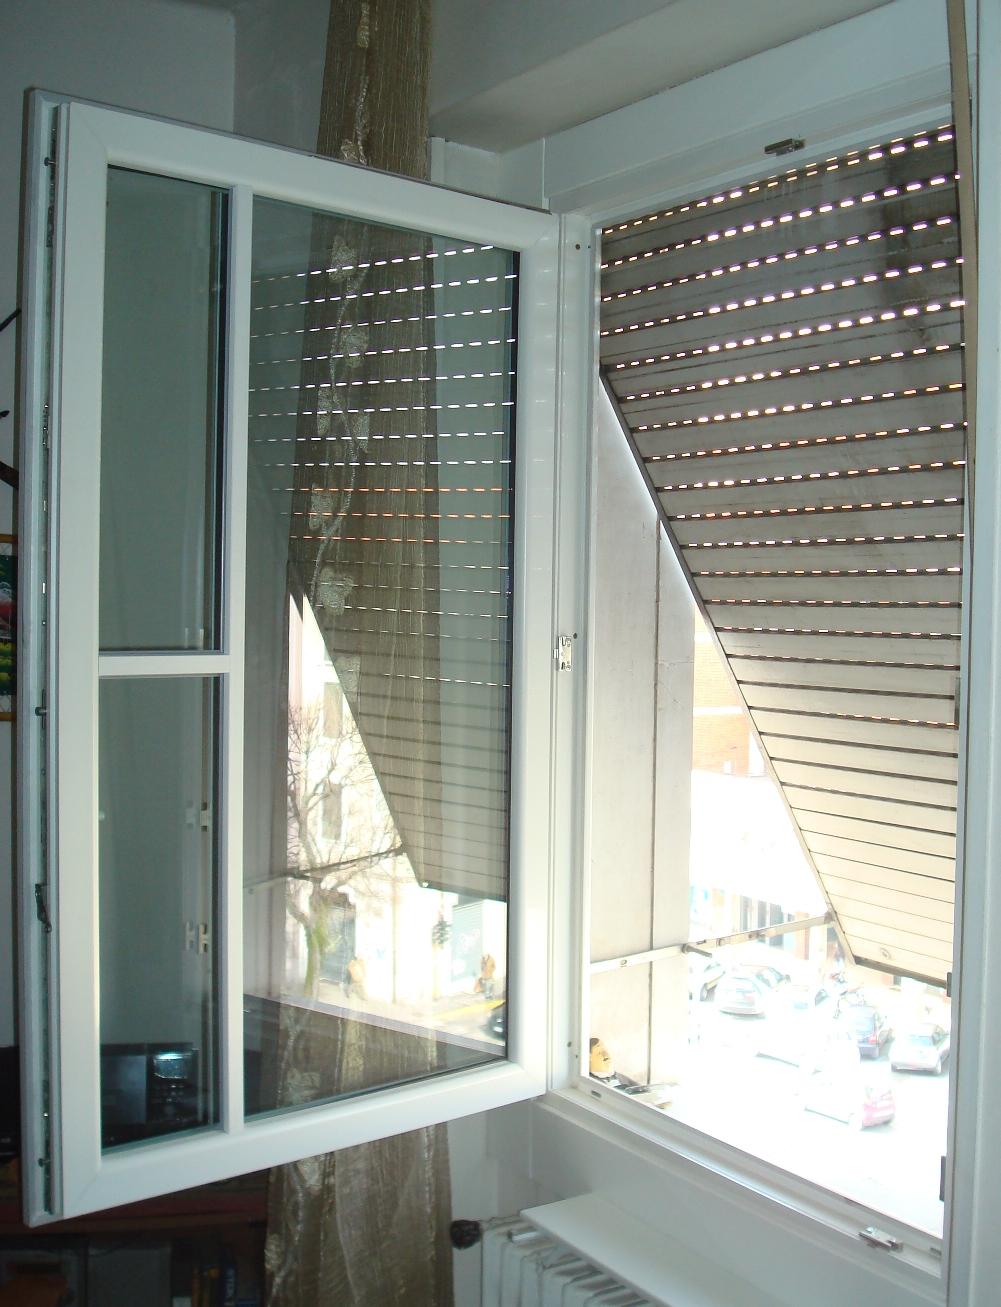 Preventivi per serramenti e infissi ultime settimane utili per la detrazione del 65 su - Serramenti e finestre ...